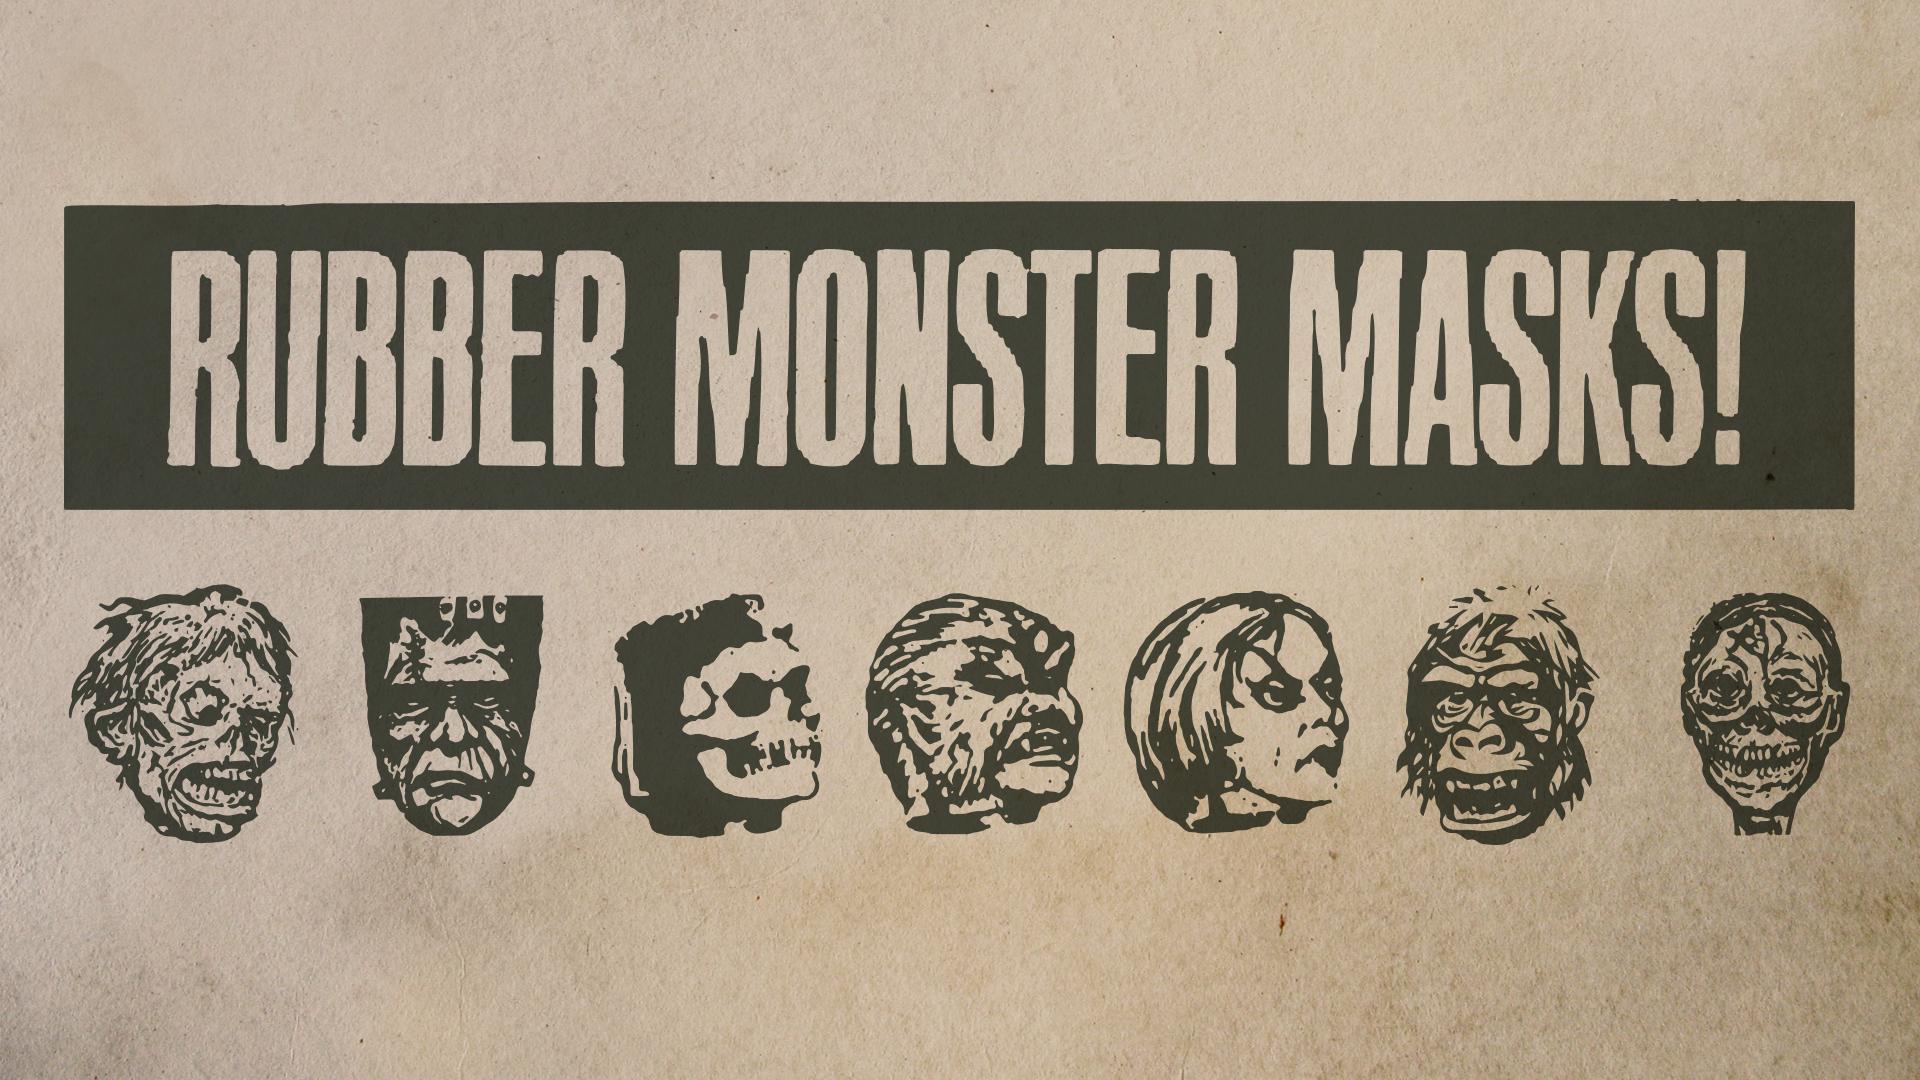 Download Rubber Monster Masks cool free fonts